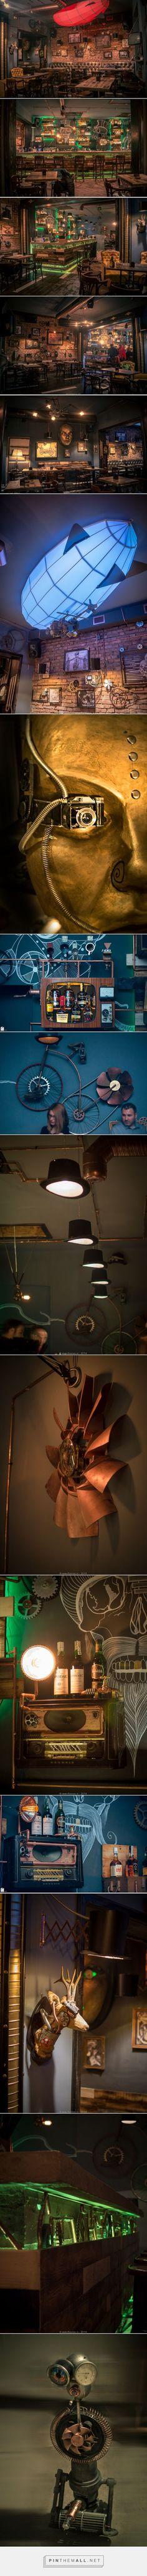 Vista de cada ângulo do bar, quem tem uma grana boa guardada, e tem coragem de por a mão na massa, vai por mim, invista num bar desse.